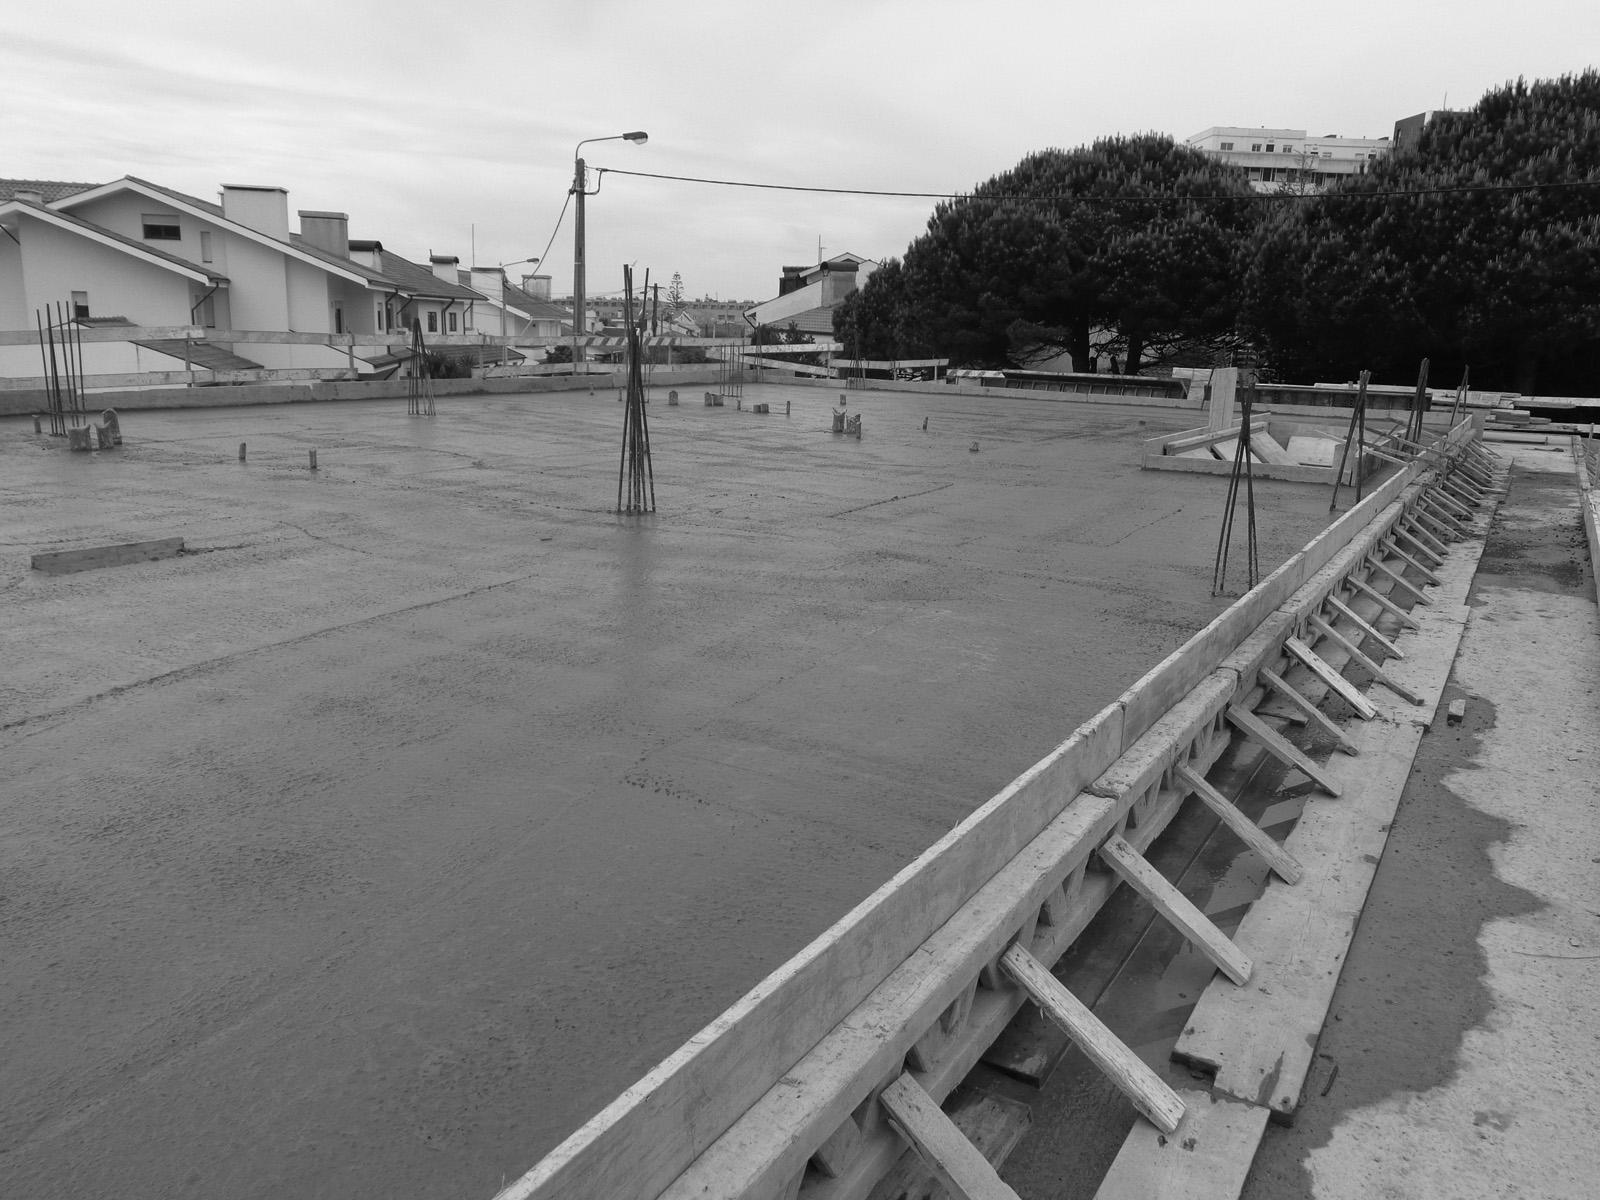 Moradia Alfazema - EVA evolutionary architecture - arquitectos Porto (18).jpg